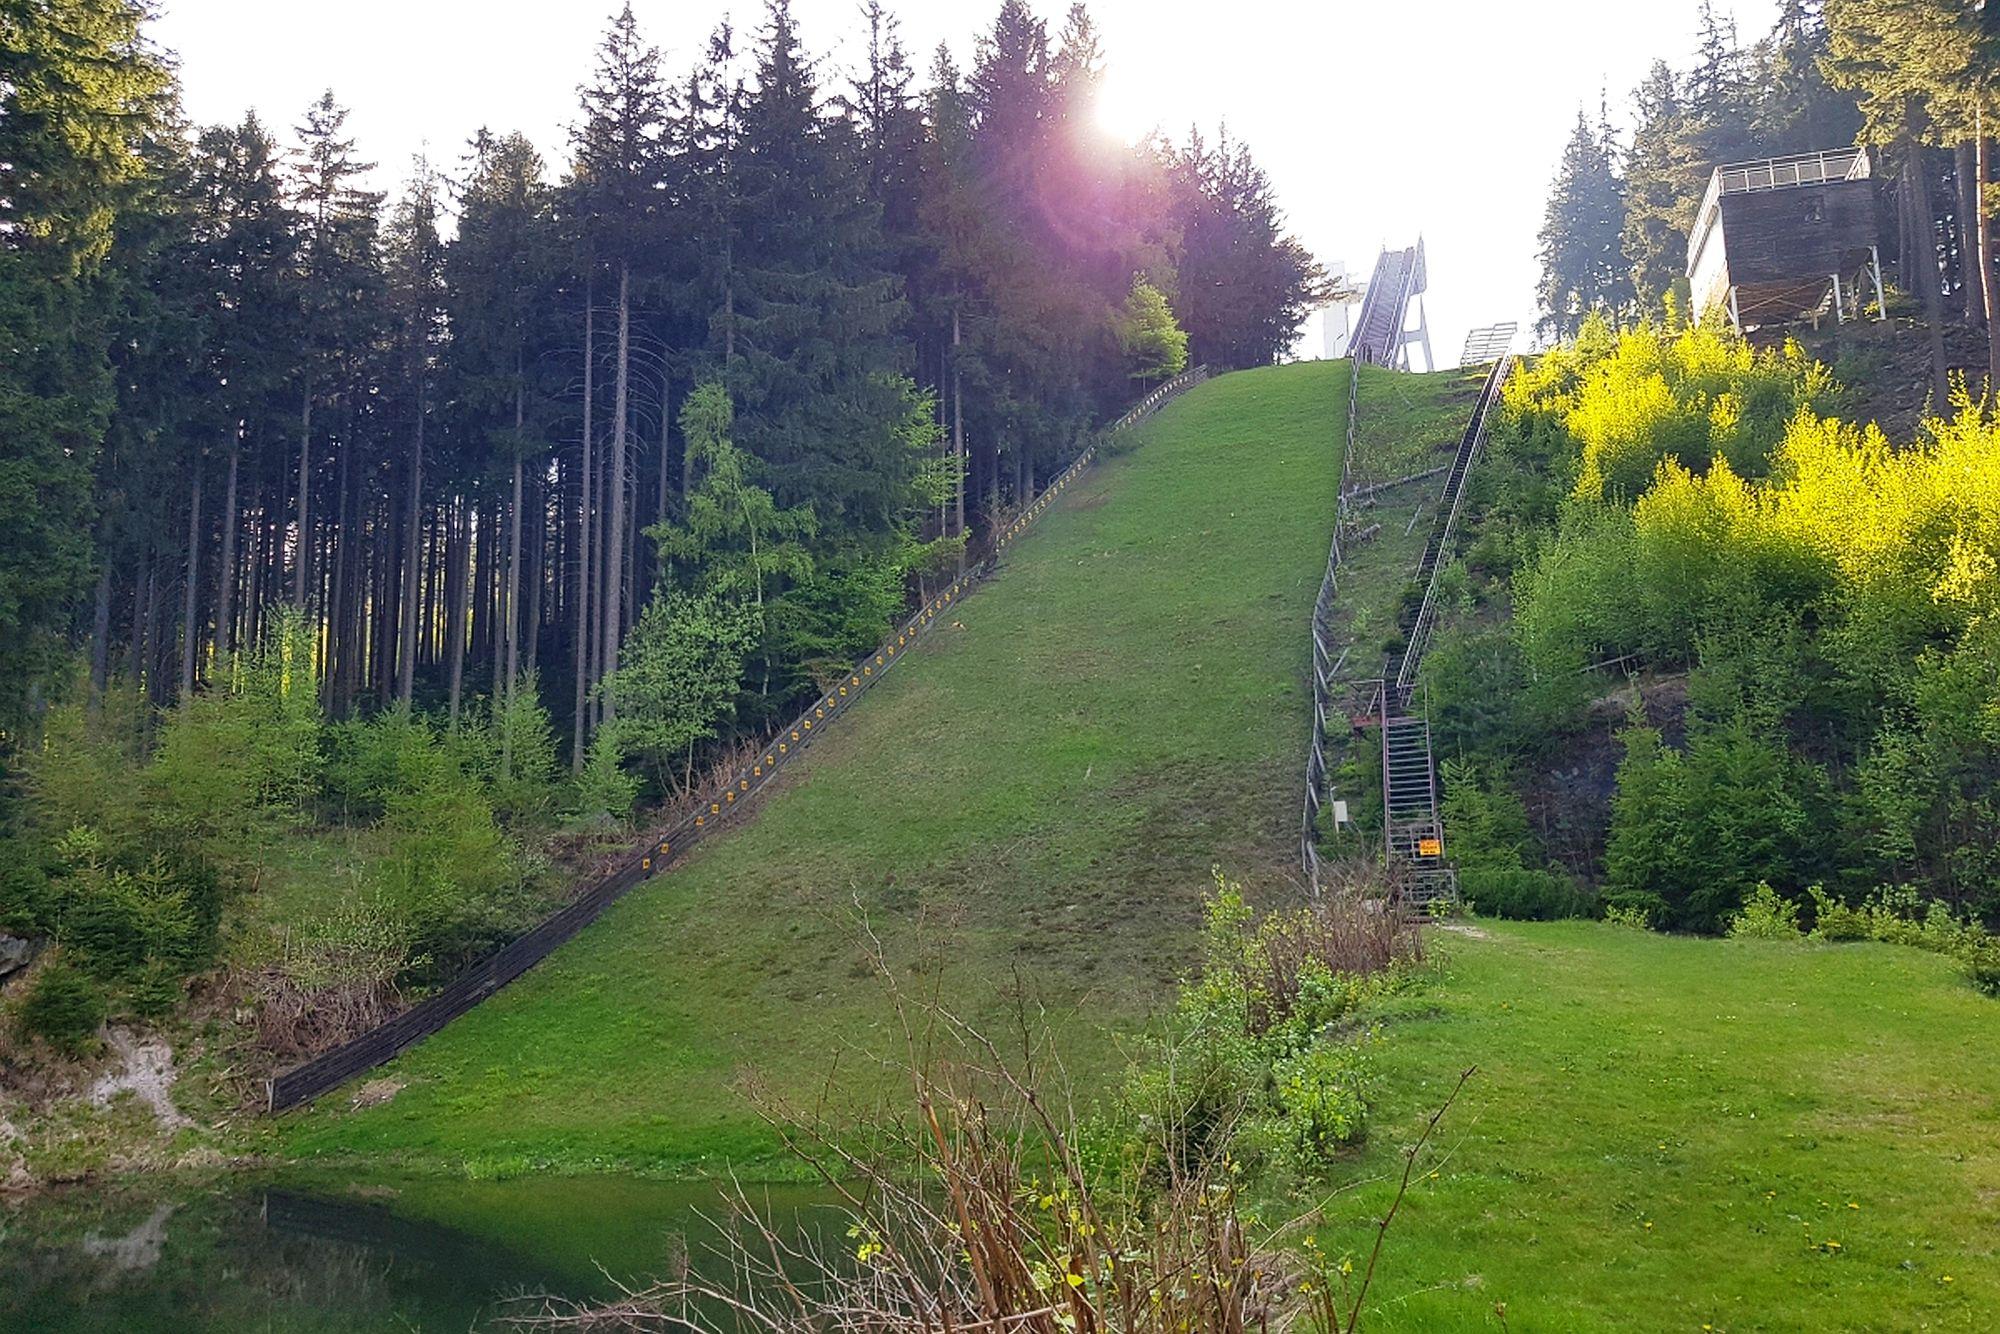 Zapomniane skoki narciarskie na Dolnym Śląsku. Czy jest szansa na odrodzenie?